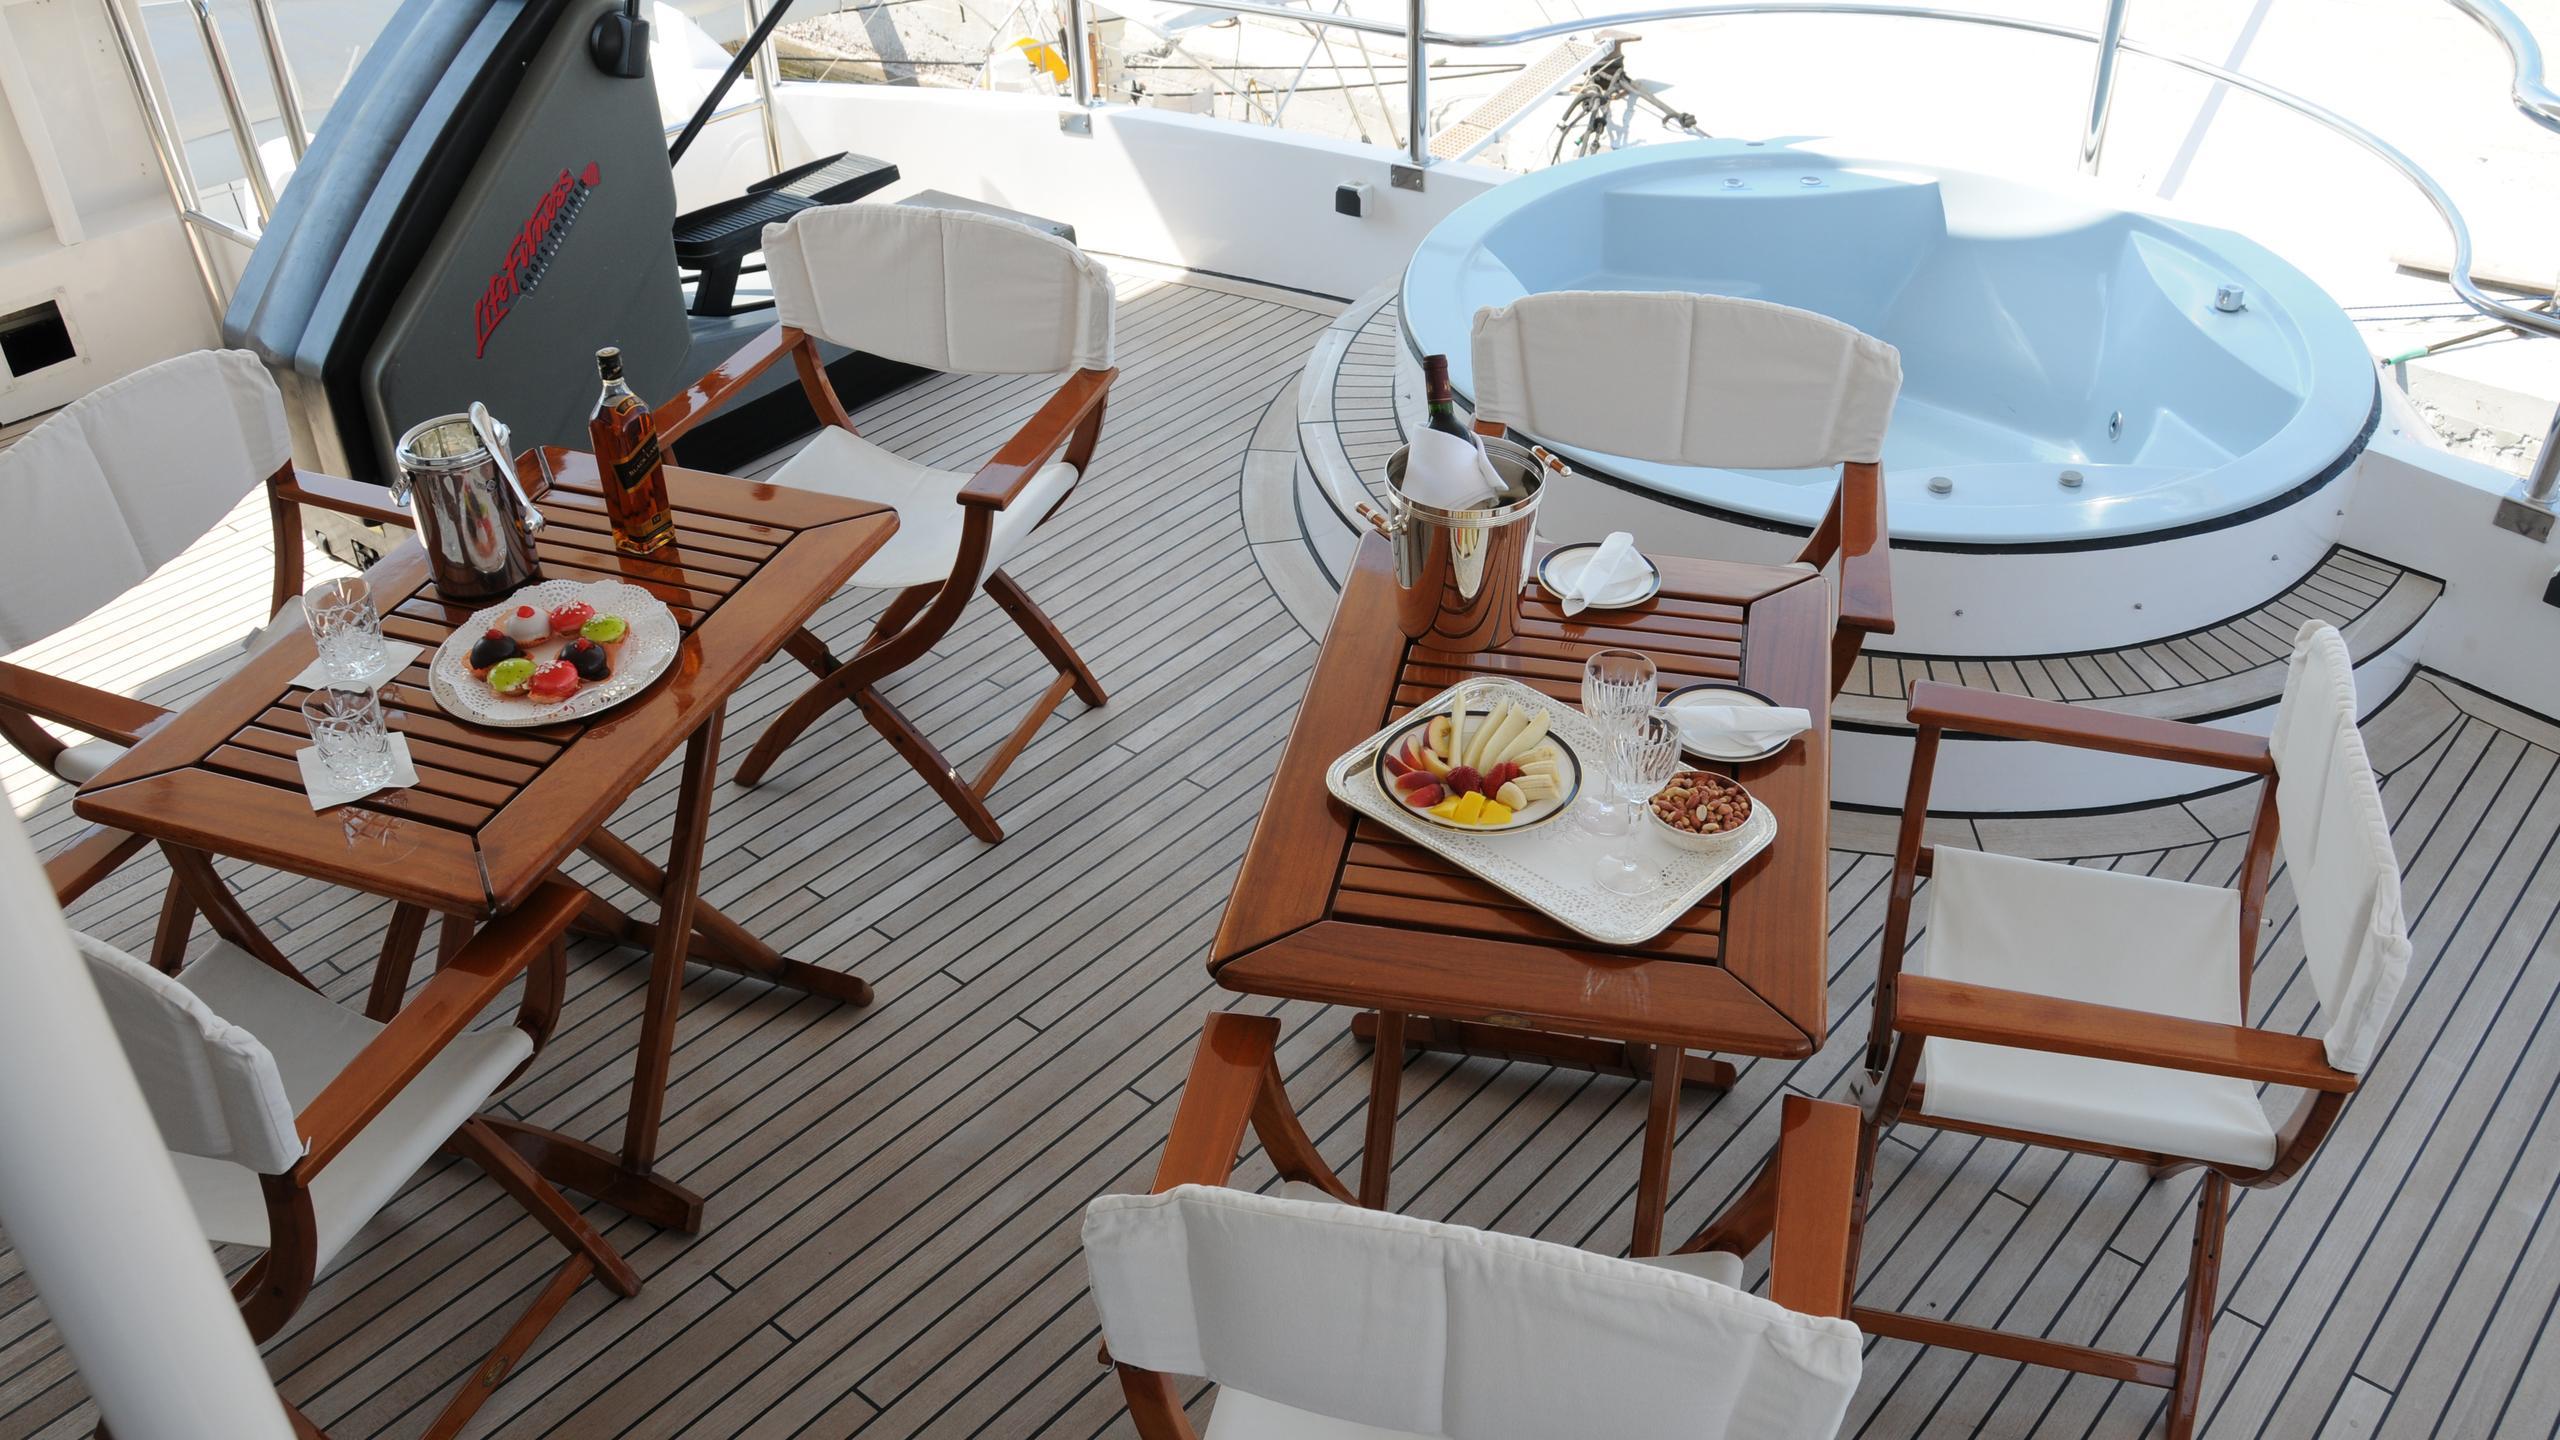 amz-yacht-jacuzzi